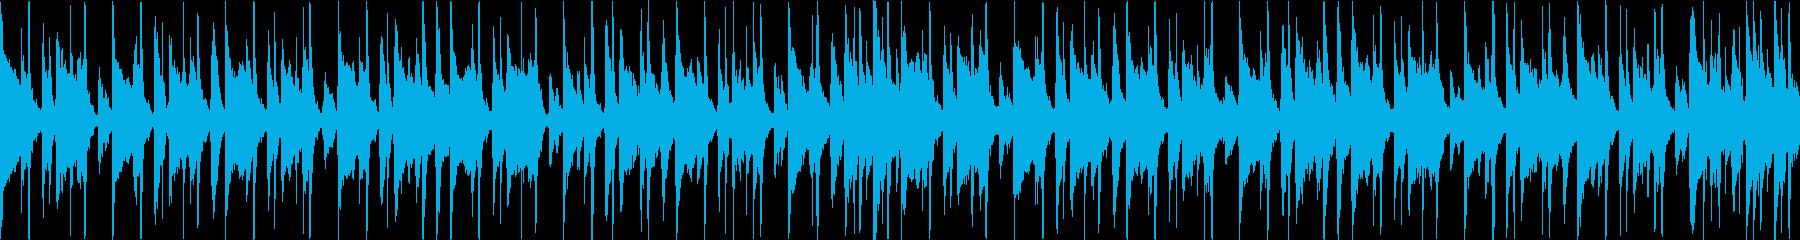 ウクレレ、グロッケンシュピール、ア...の再生済みの波形